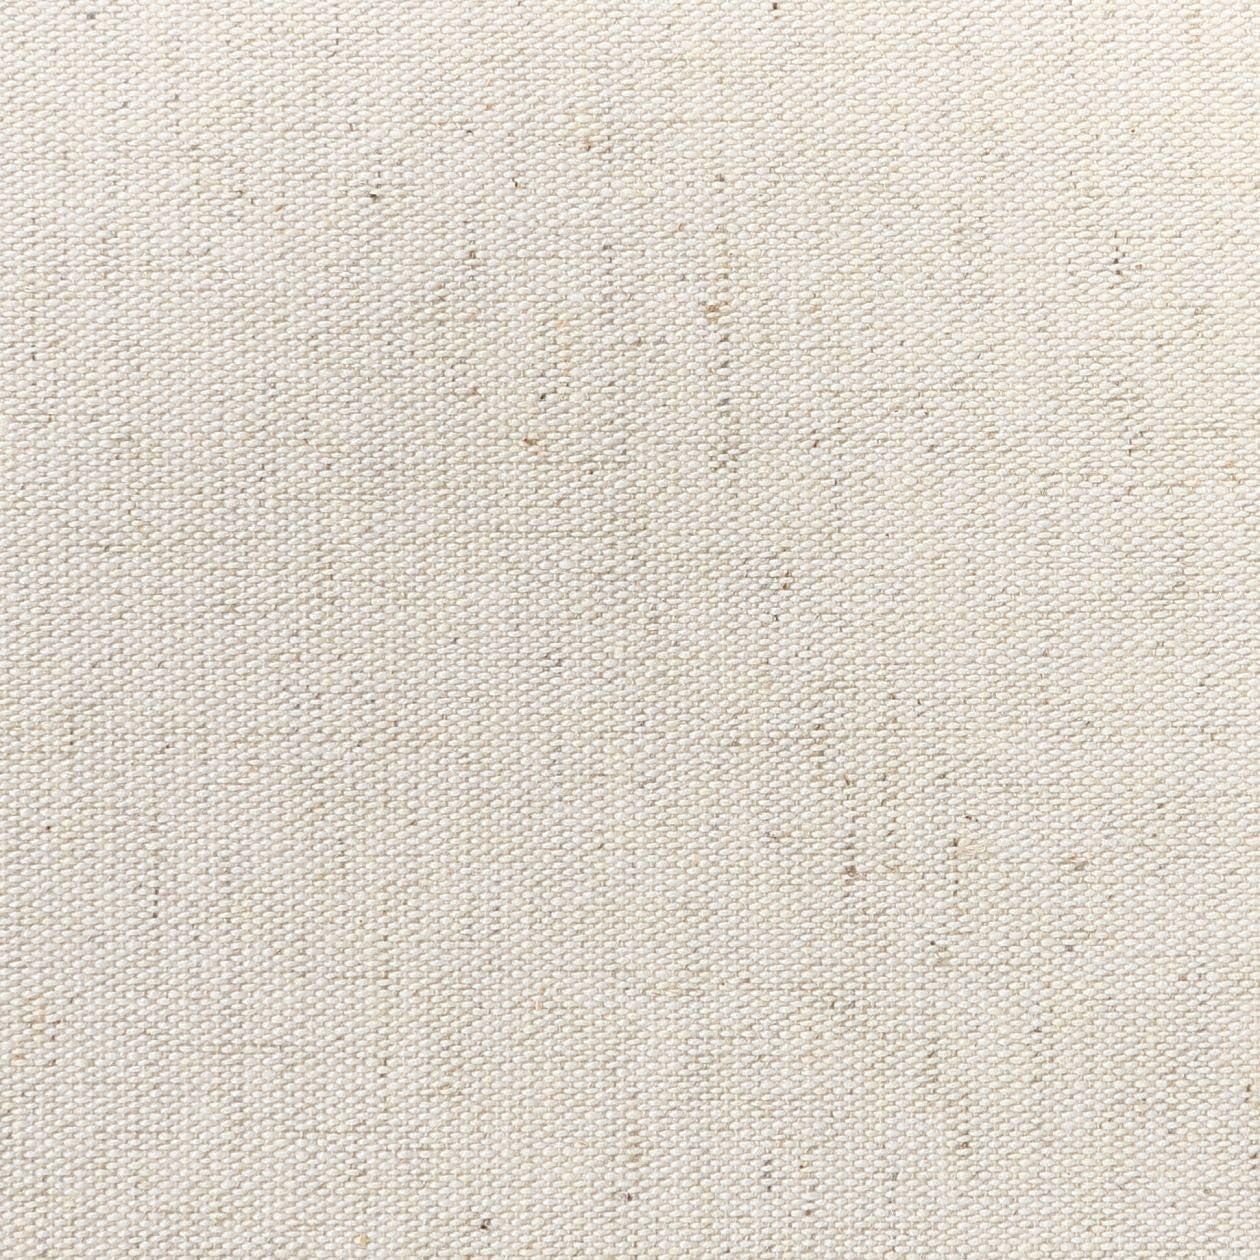 無印良品 ポリエステル綿麻混・ソフトボックス・衣装ケース・大